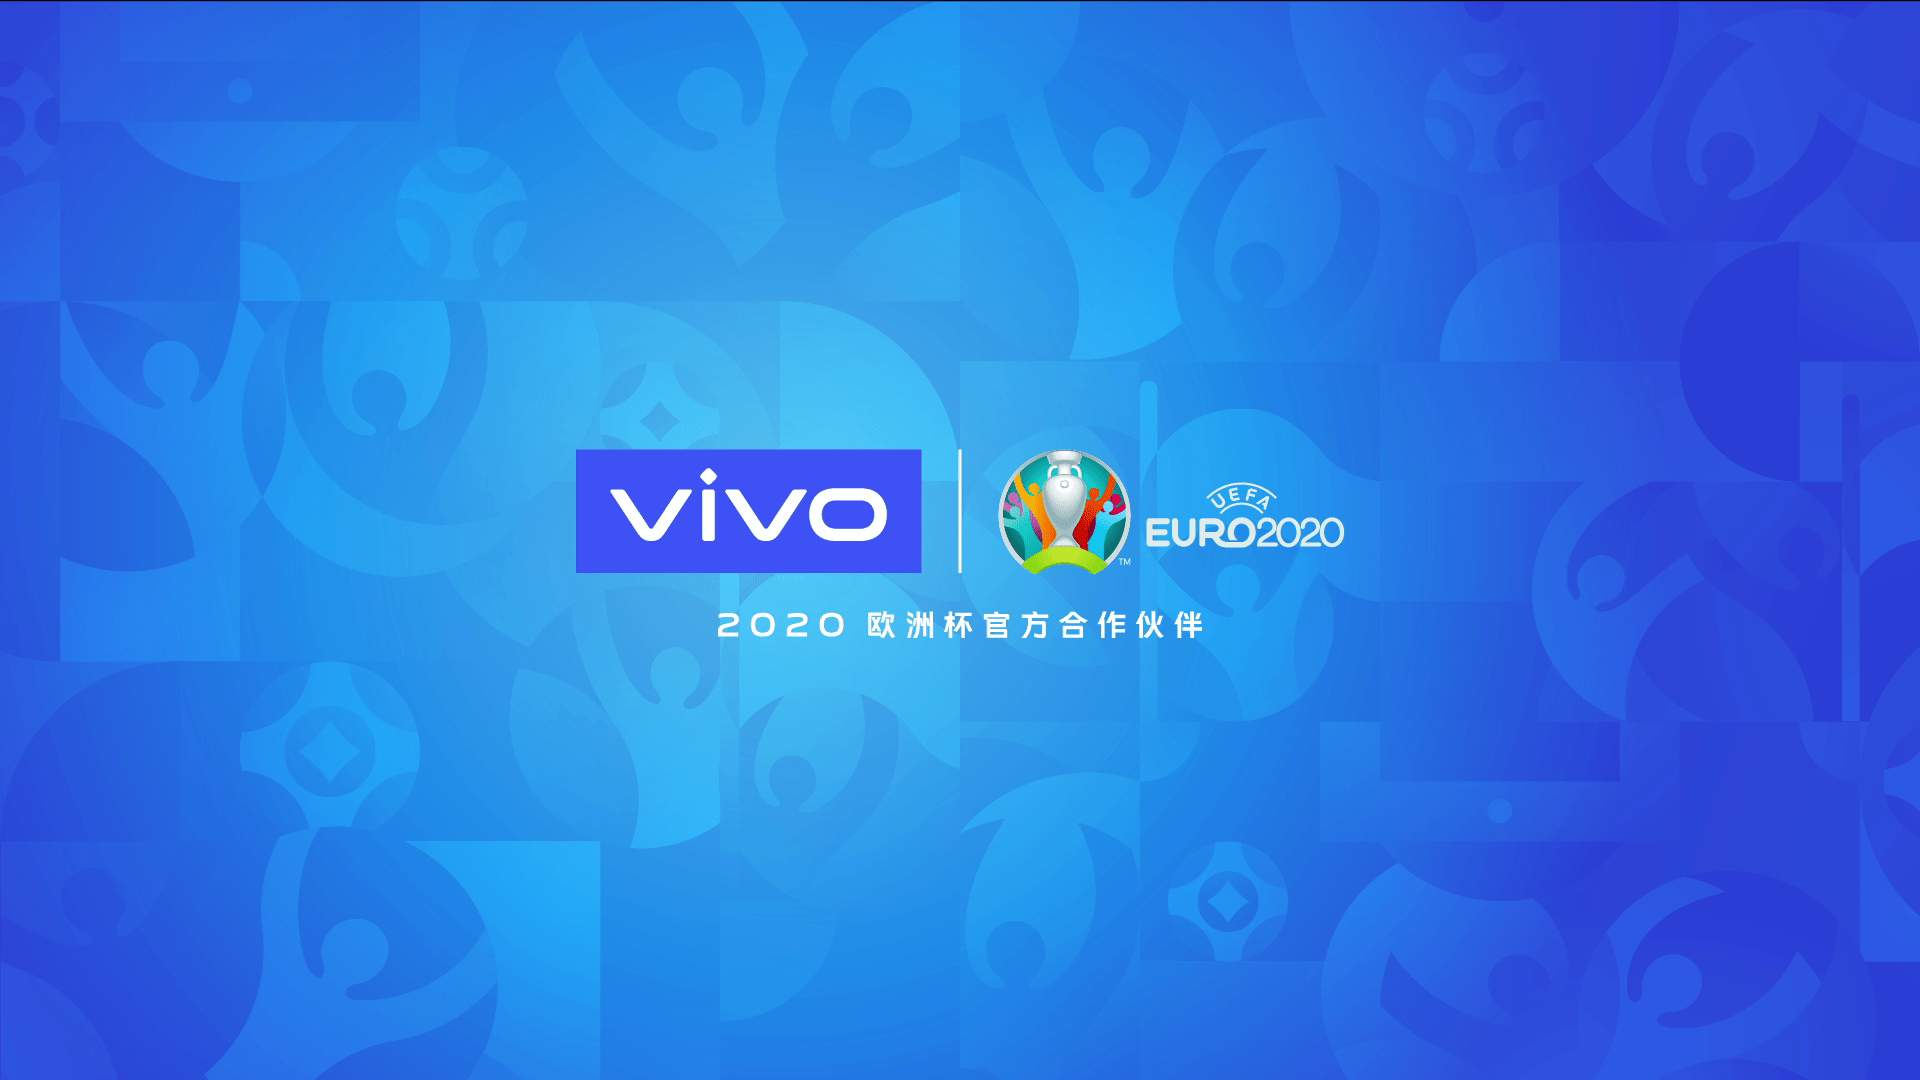 vivo进入欧洲六大市场,成为欧洲杯全球官方合作伙伴